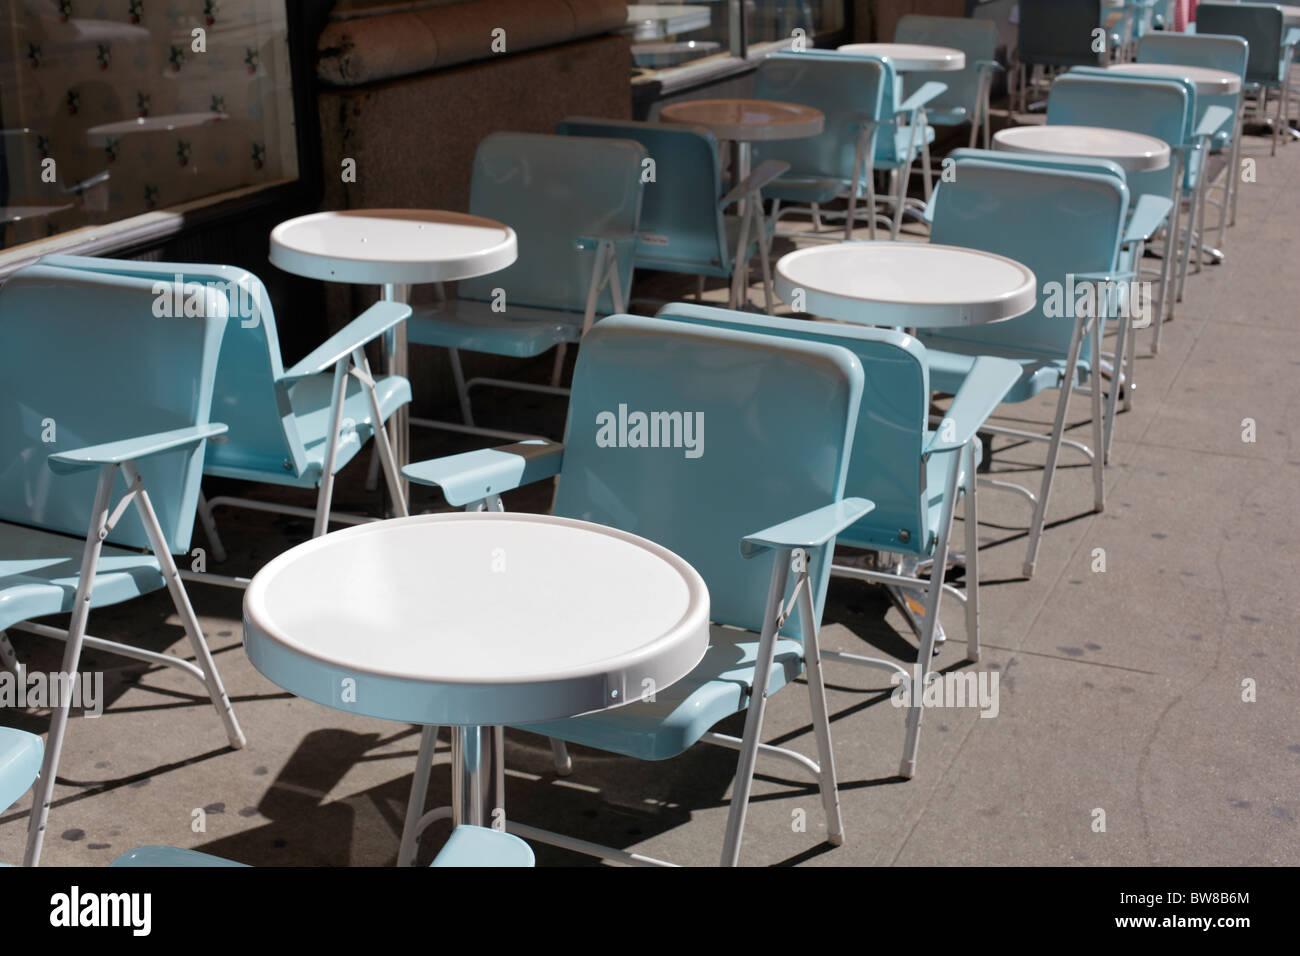 sidewalk cafe - Stock Image